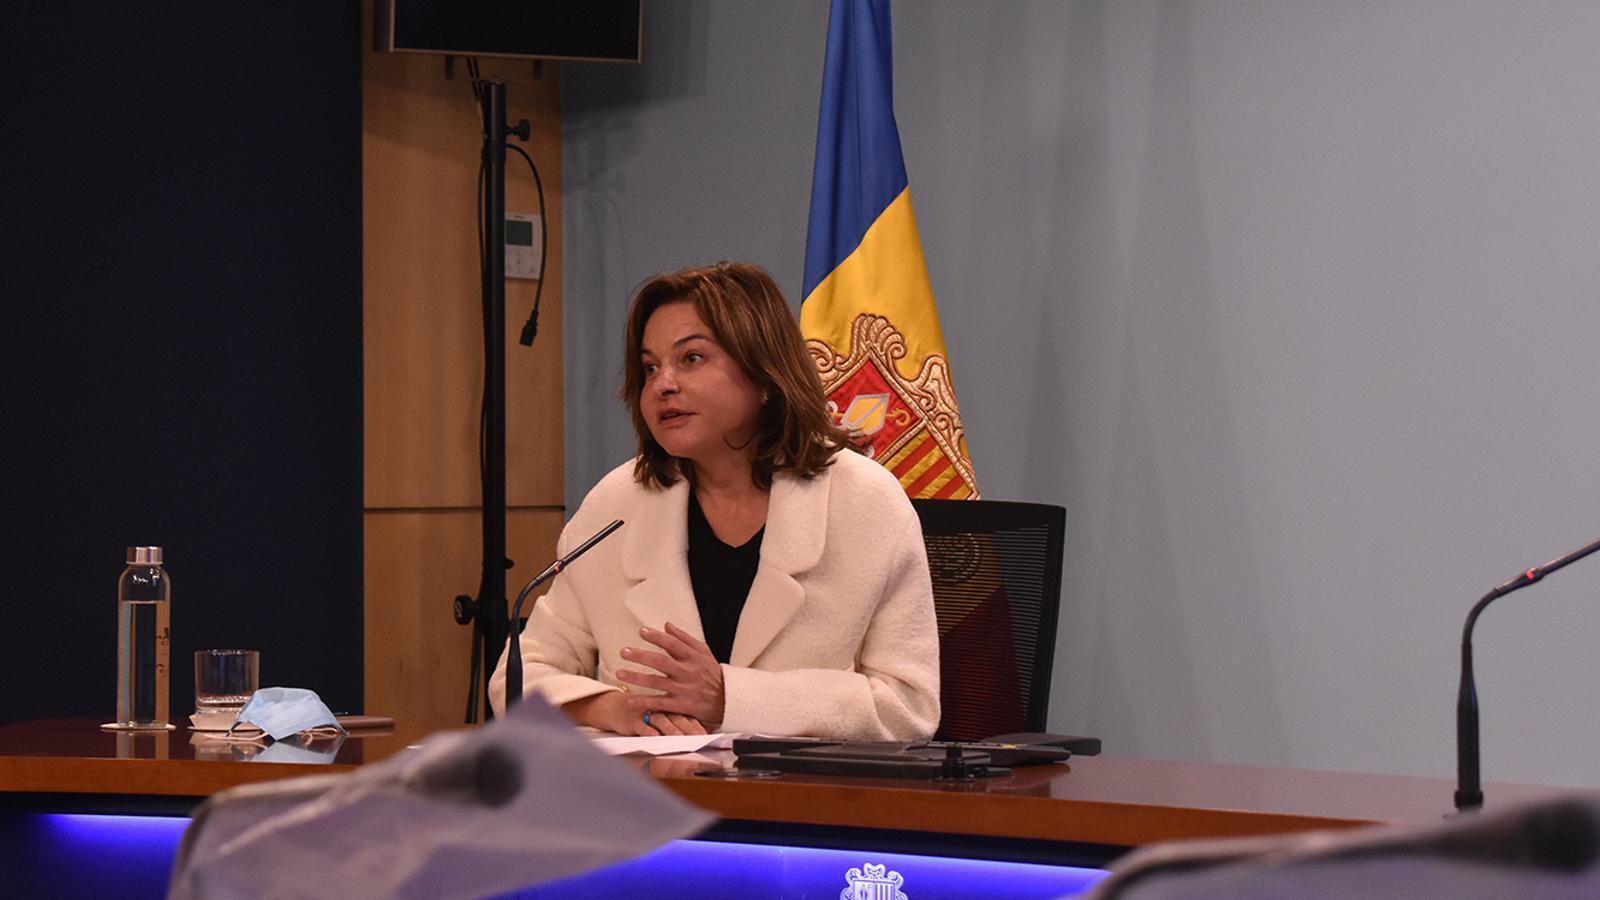 La ministra de Turisme, Verònica Canals, durant la roda de premsa / MP